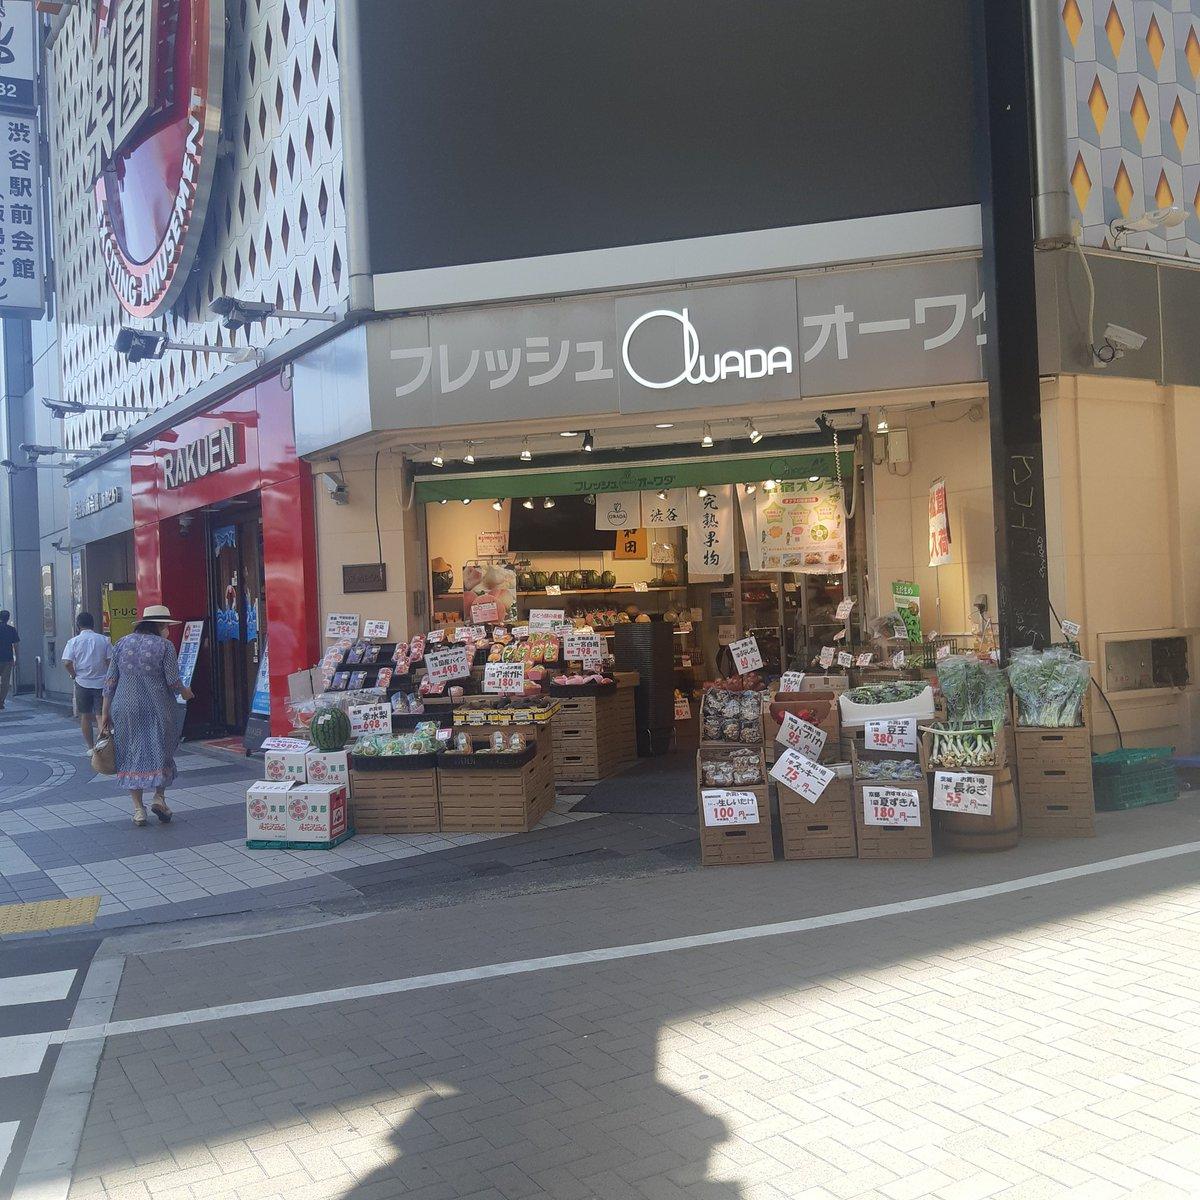 test ツイッターメディア - わざわざ渋谷まできてタワレコで写真とるだけはさすがにもったいなくてフレッシュオーワダへ🍒🍌🍎🍏🍊🍈🍍🍇🍑 スイカも売ってました🍉 持ち帰るの大変だからここでも写真だけ😅  #フレデリック #フレハウス #やねうらトーク #オニキョウカン https://t.co/WKMxFWA3k5